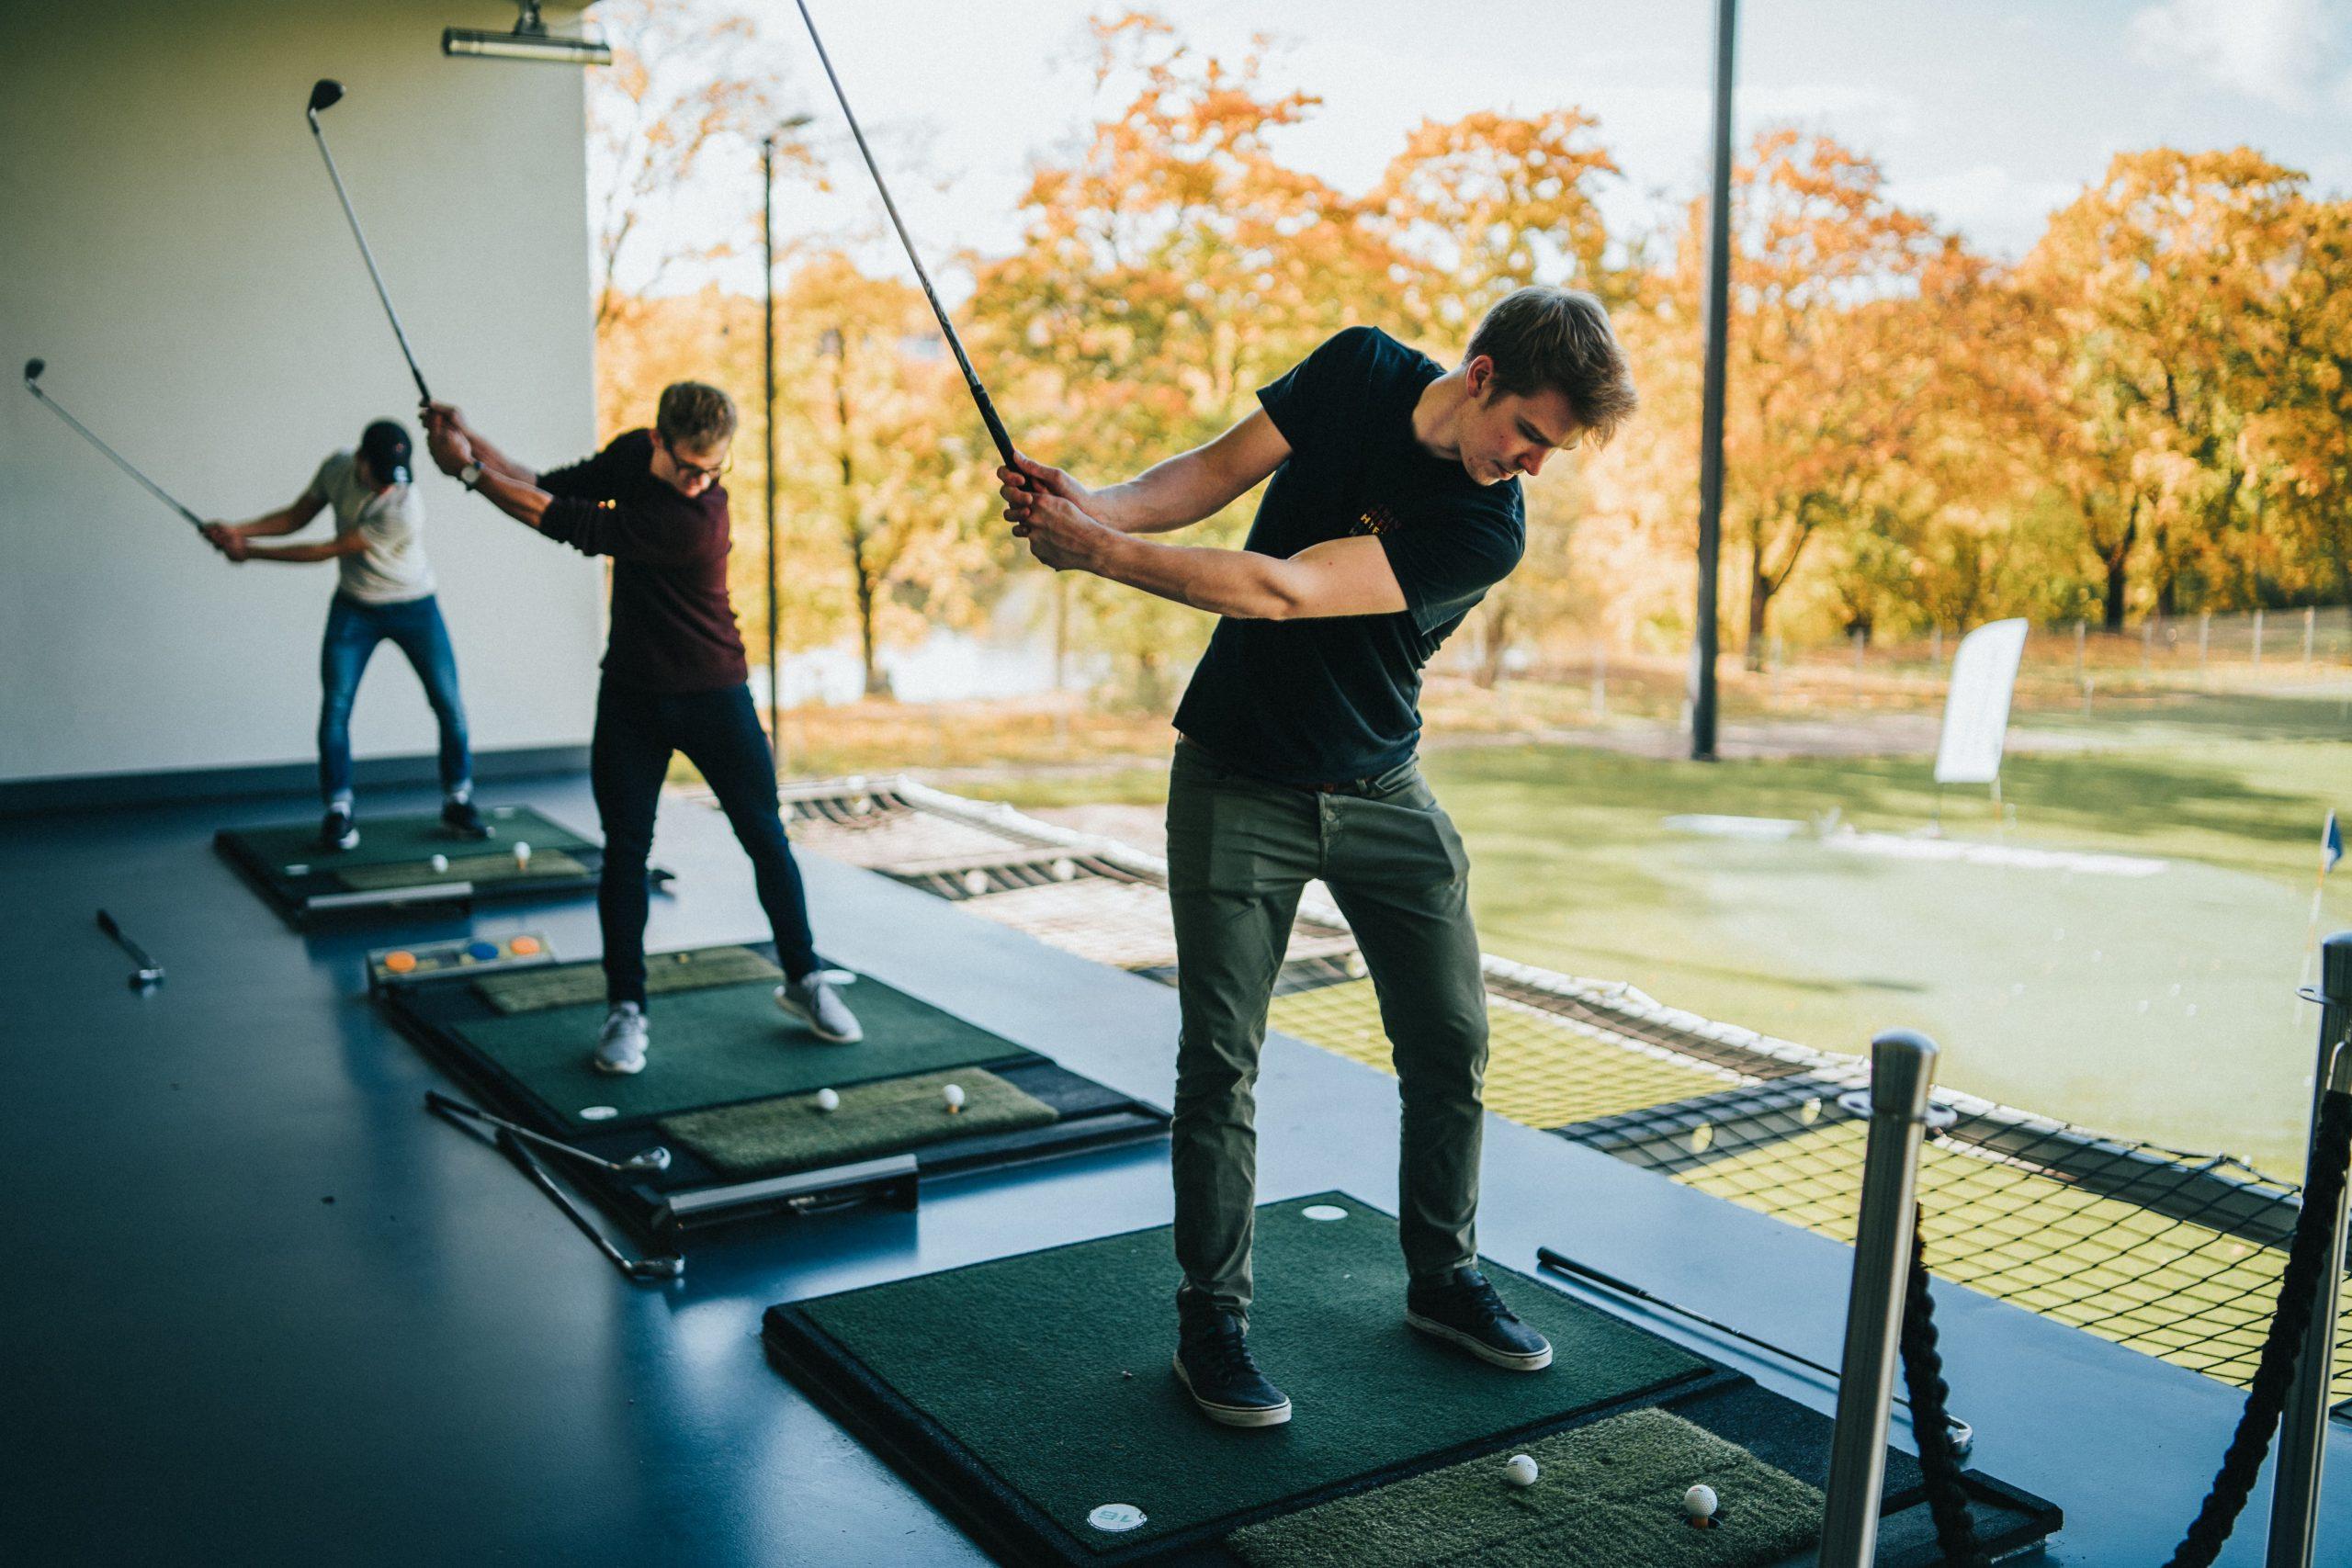 Golfer spielen Golfbälle von der Driving Range